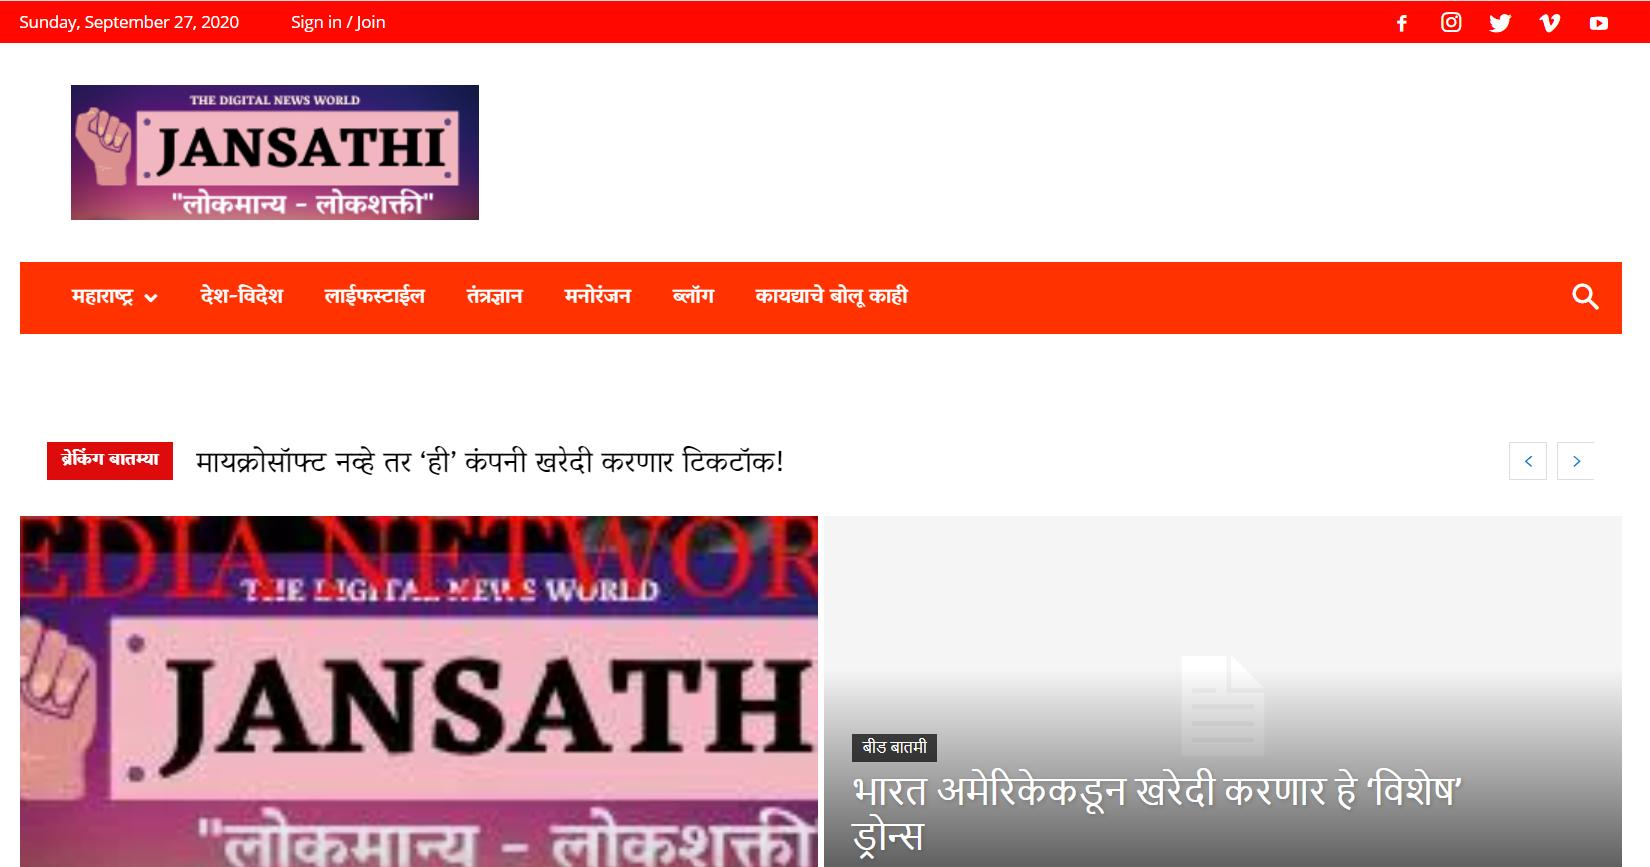 jansathi.com